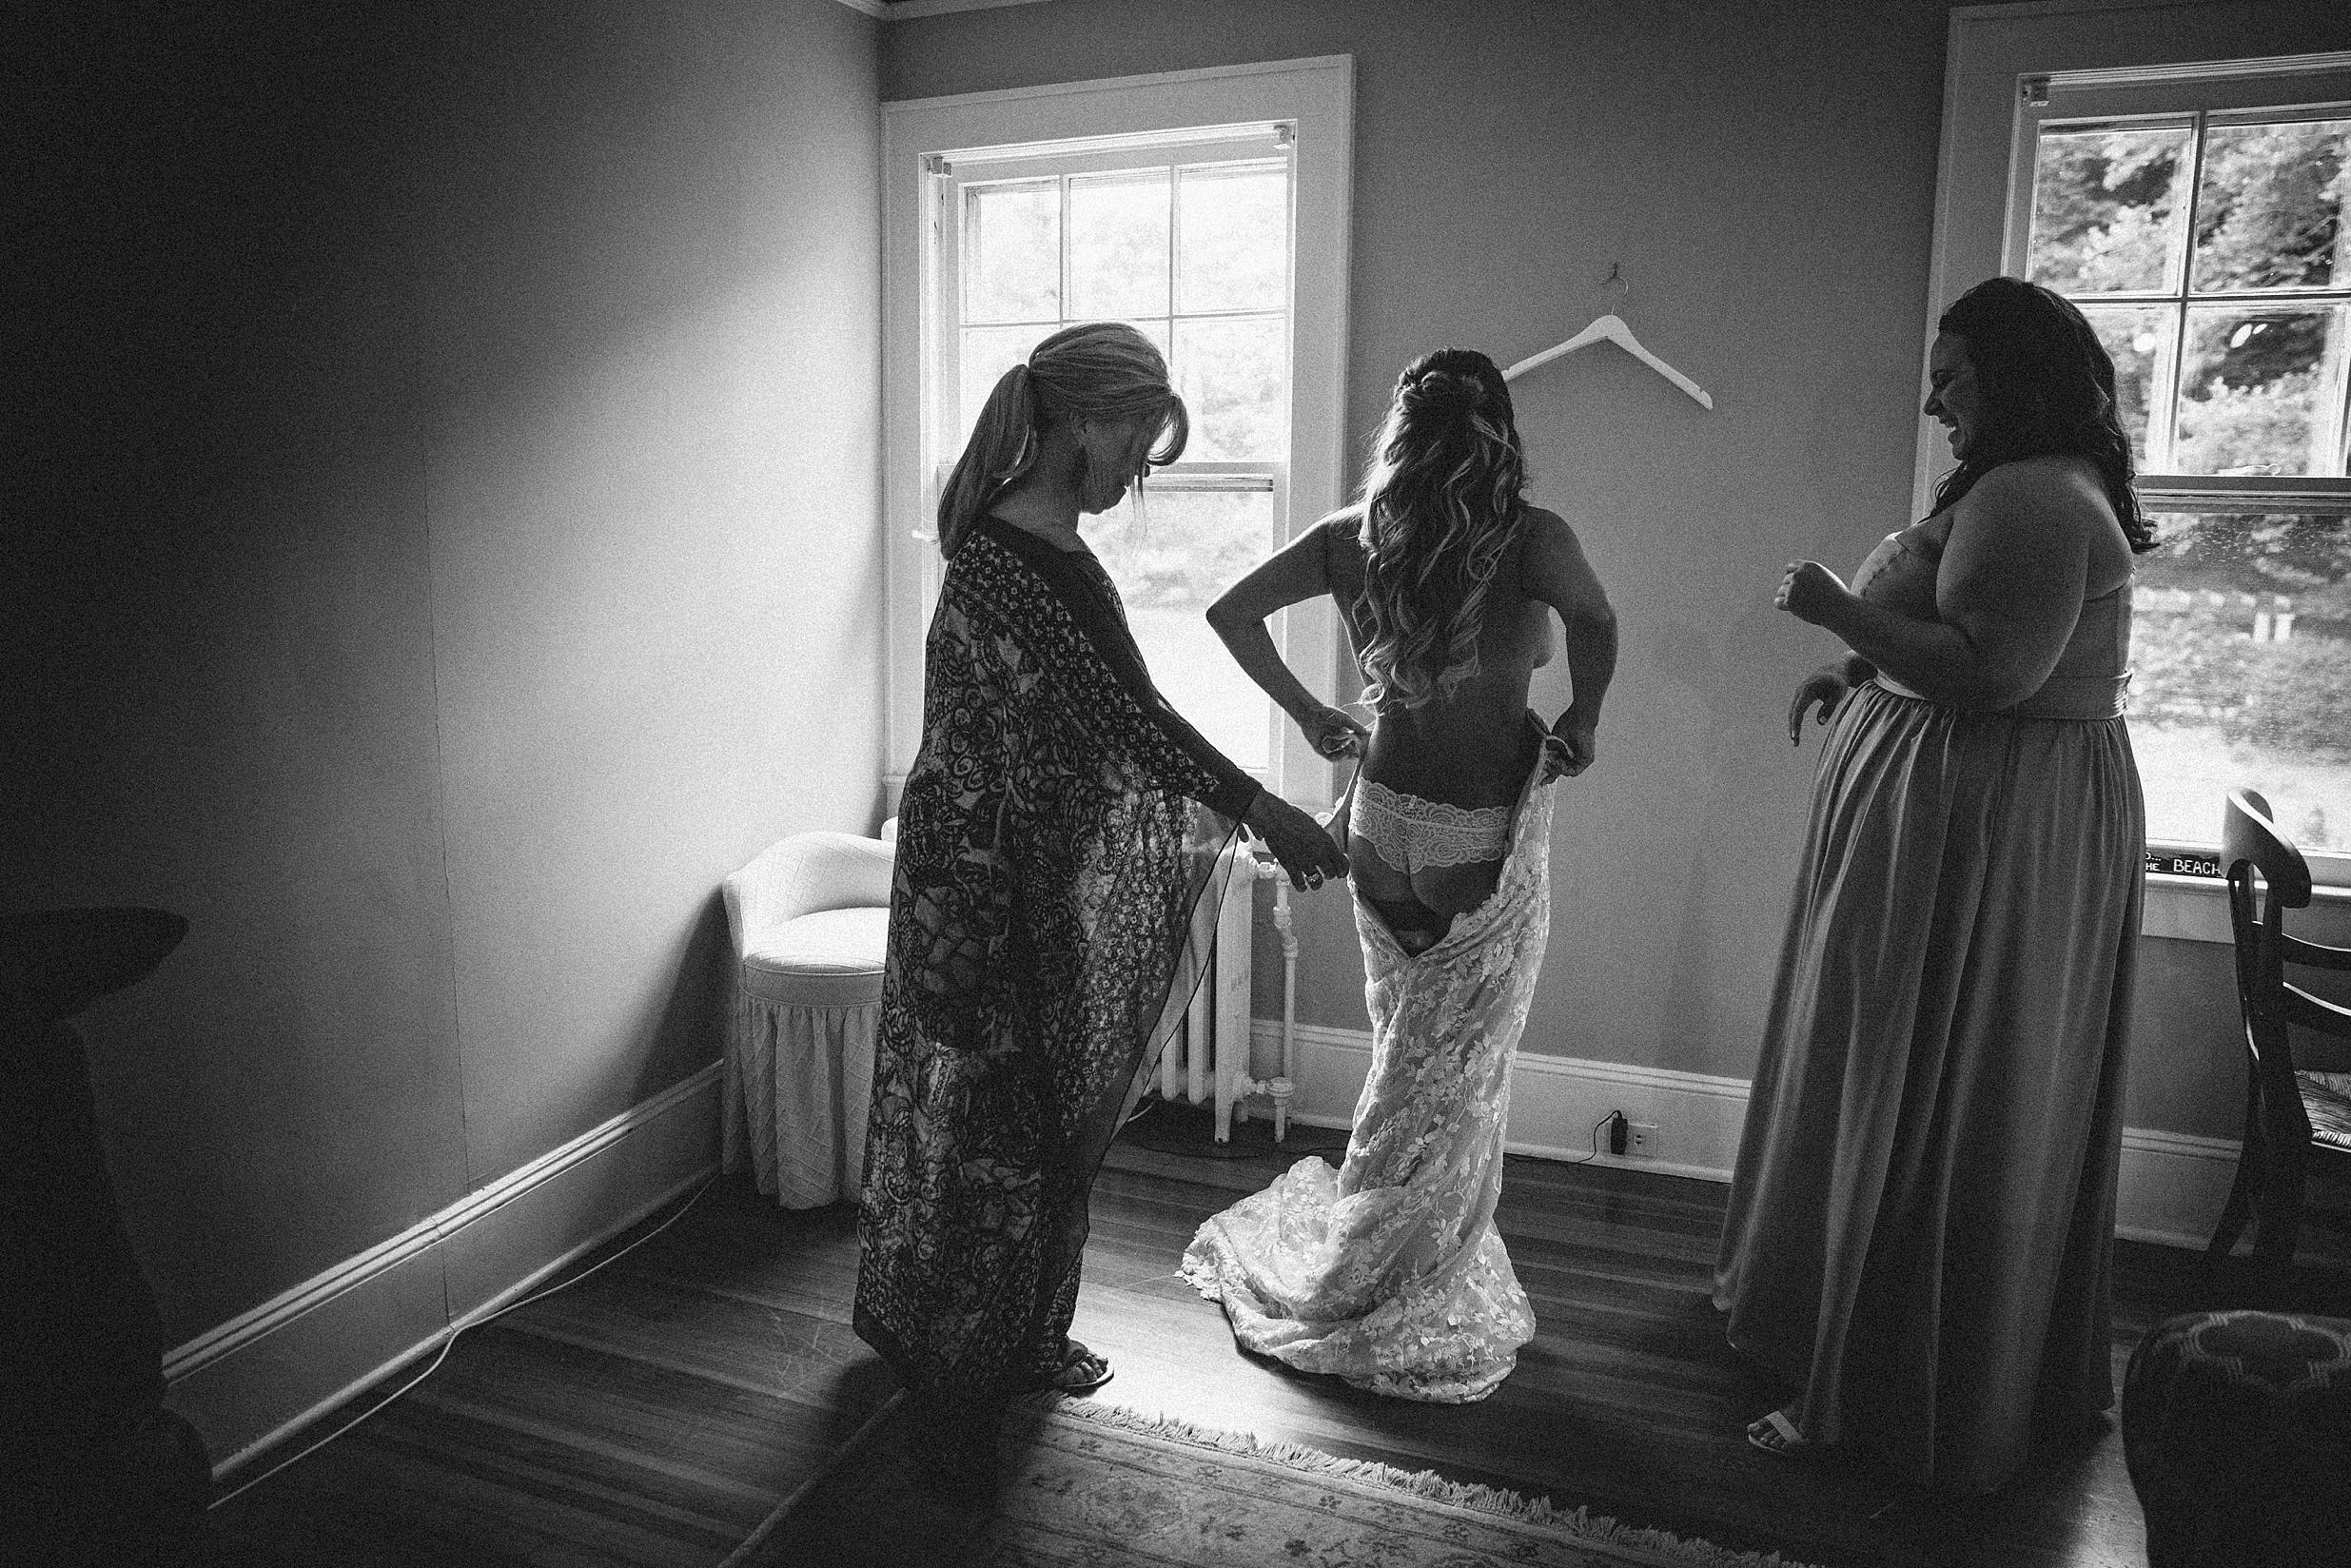 jersey-outdoor-ceremony-wedding-navasink-monmouth-rumson_0019.jpg